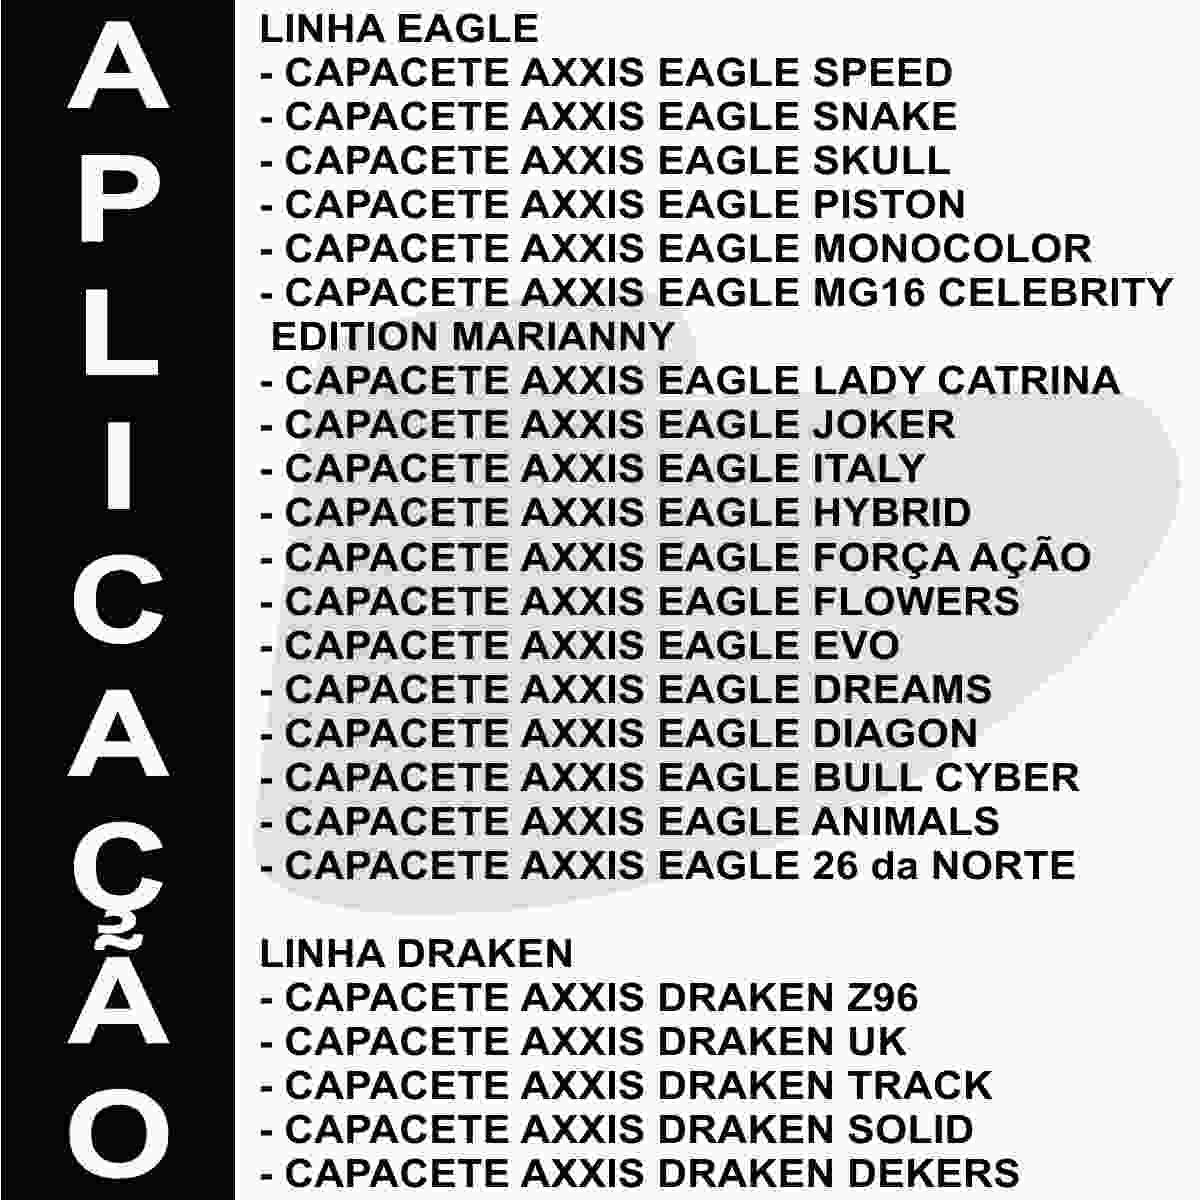 KIT VISEIRA AXXIS EAGLE/DRAKEN SILVER METAL V18 + VISEIRA IRIDIUM CAMALEÃO